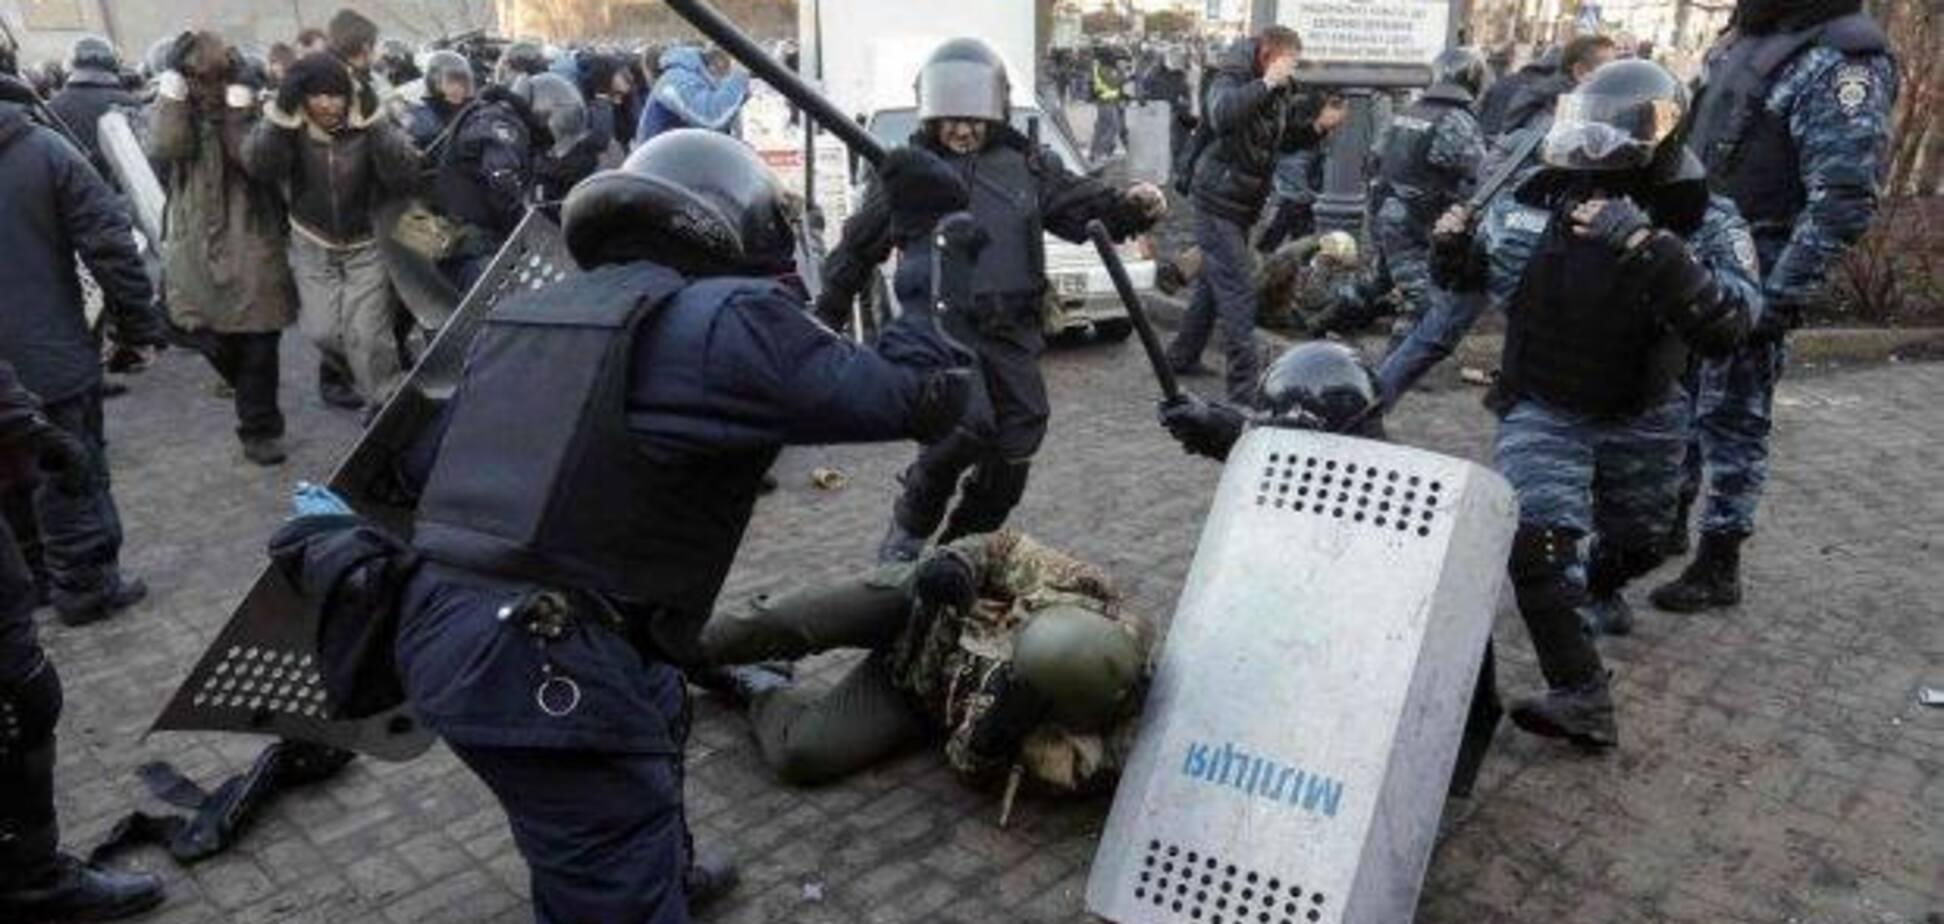 'Як тобі спиться, потворо?' В Україні розгорівся скандал із полковником через Євромайдан